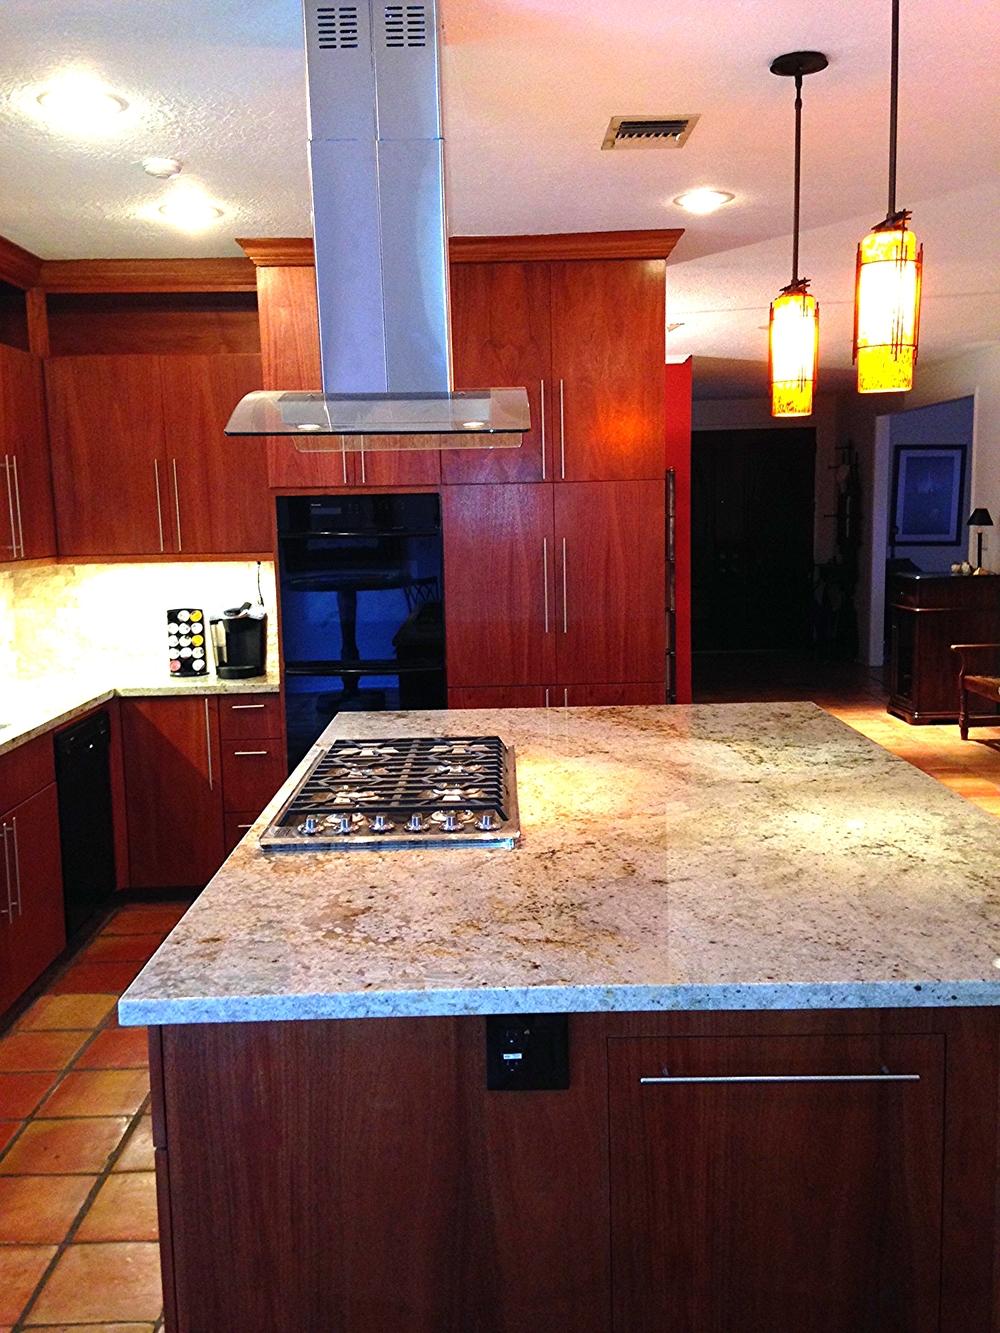 Bukolt kitchen remodel view two